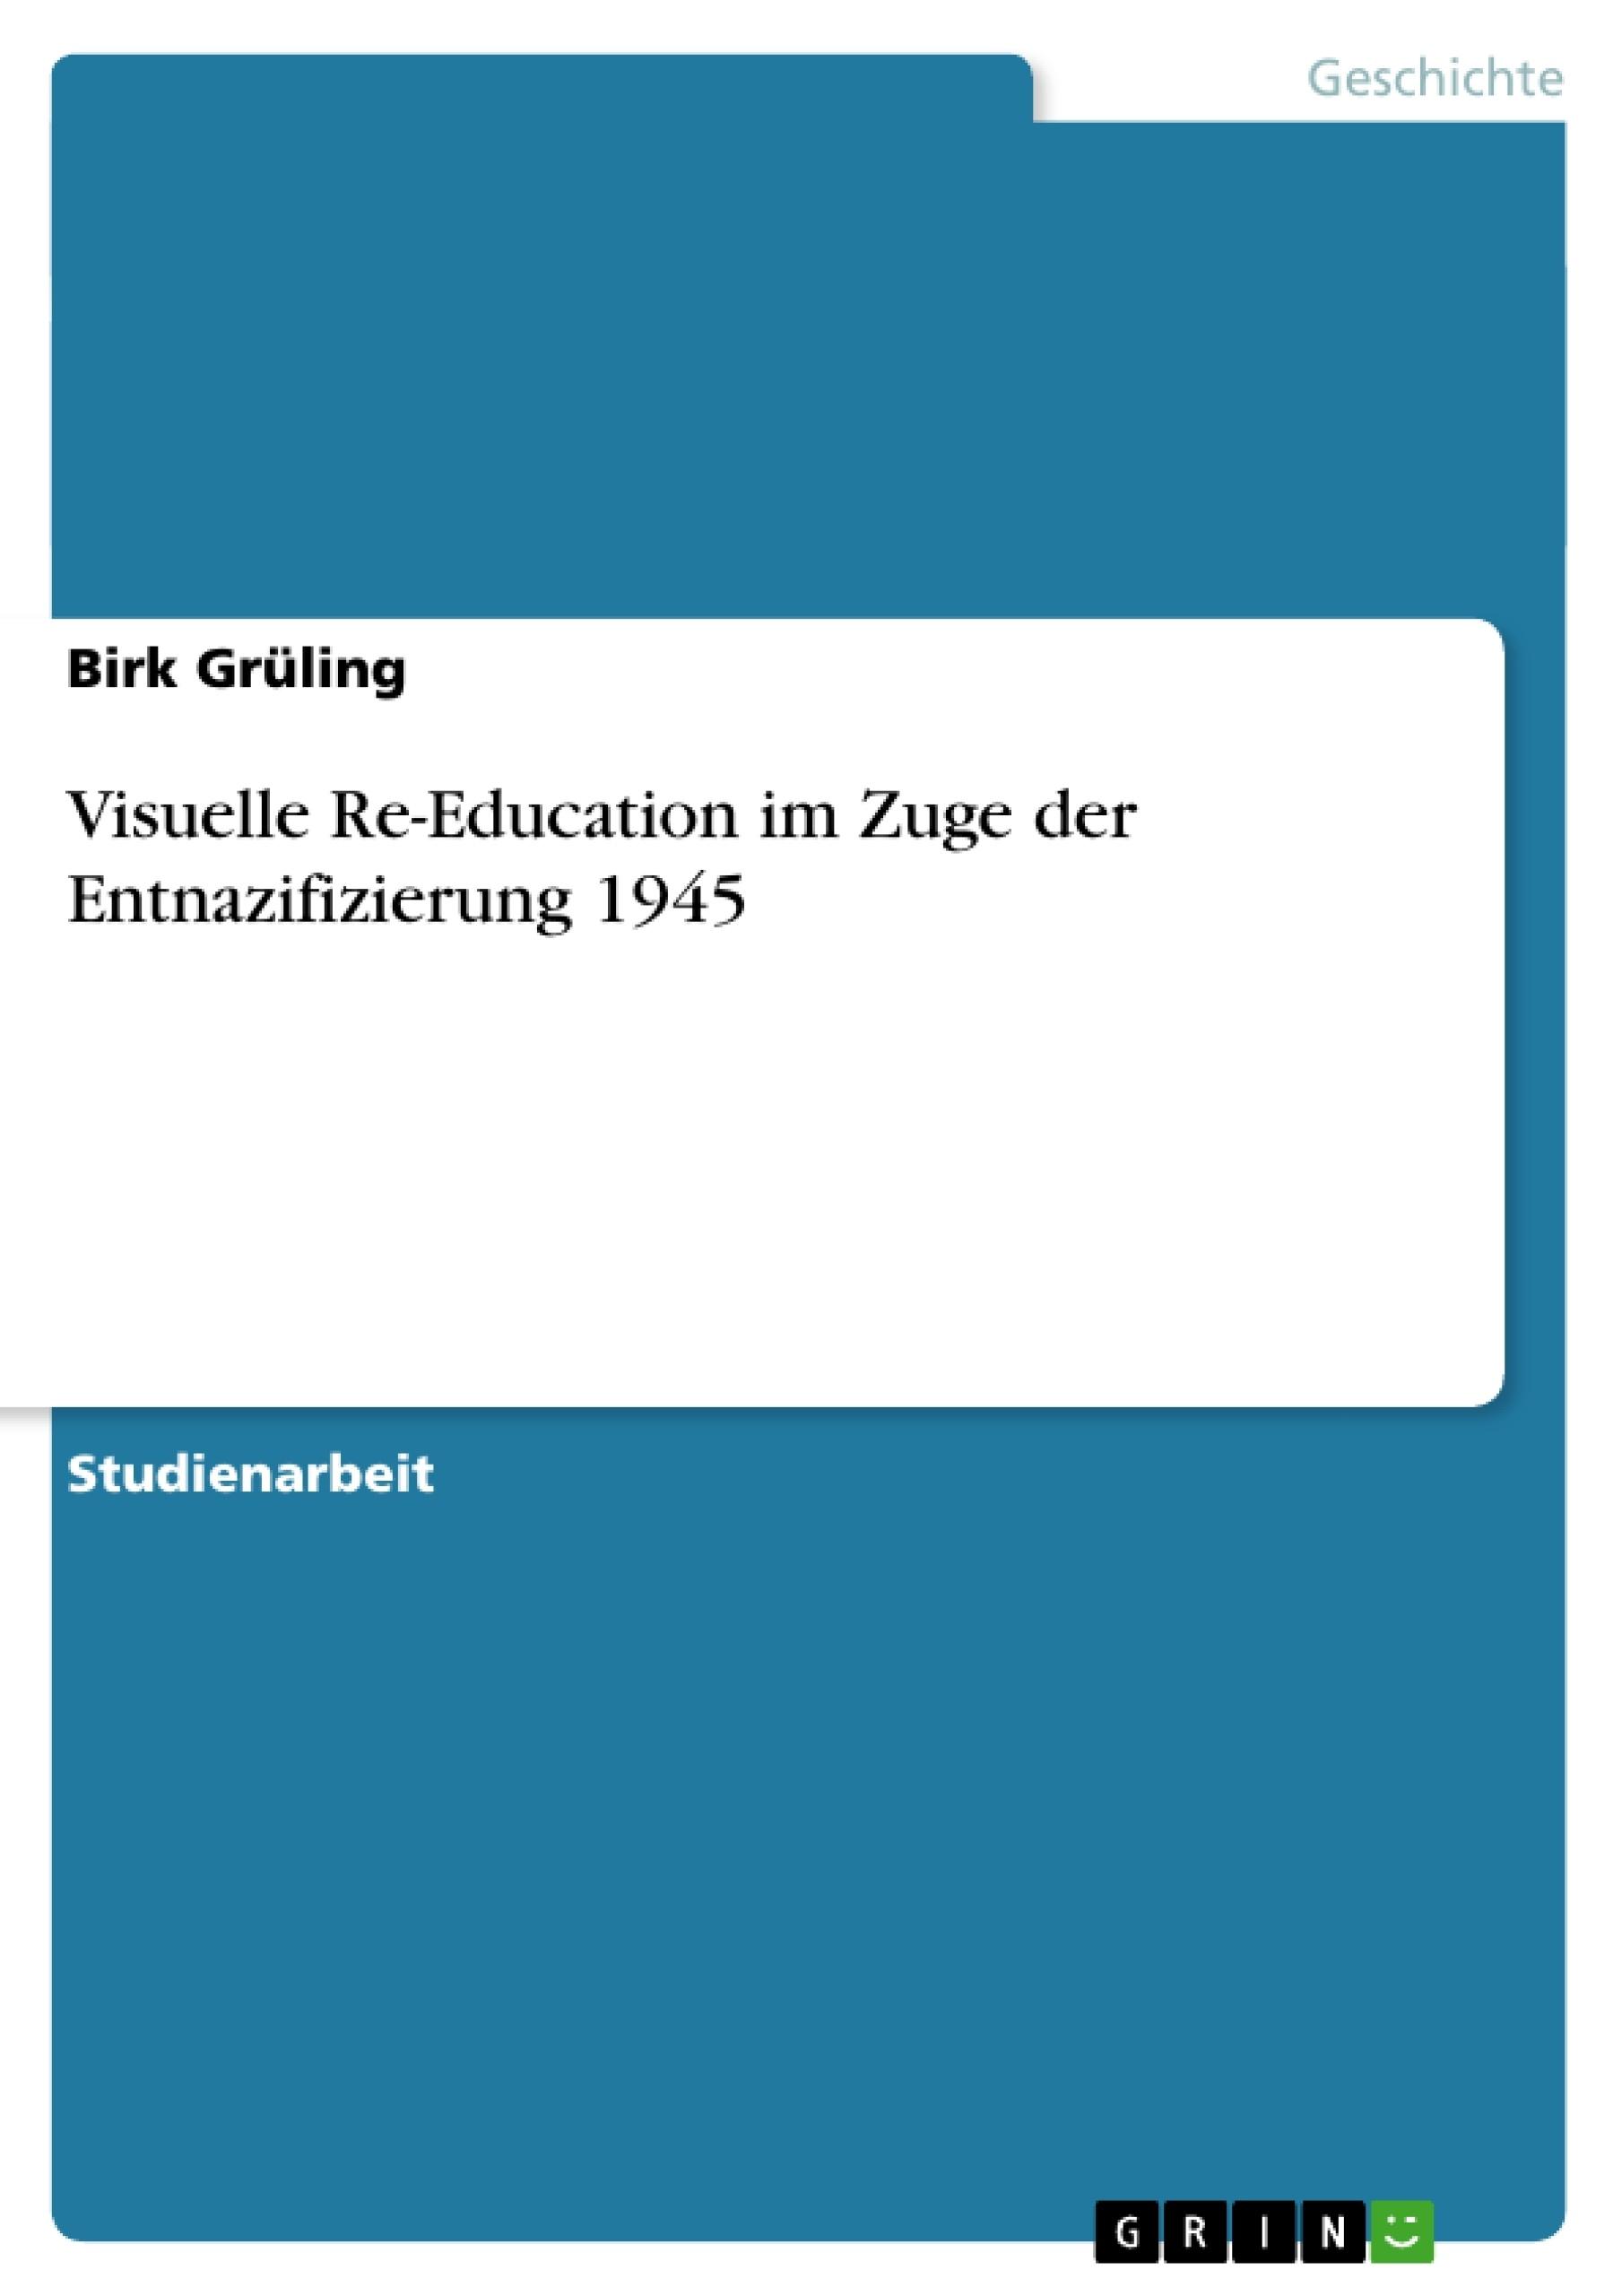 Titel: Visuelle Re-Education im Zuge der Entnazifizierung 1945